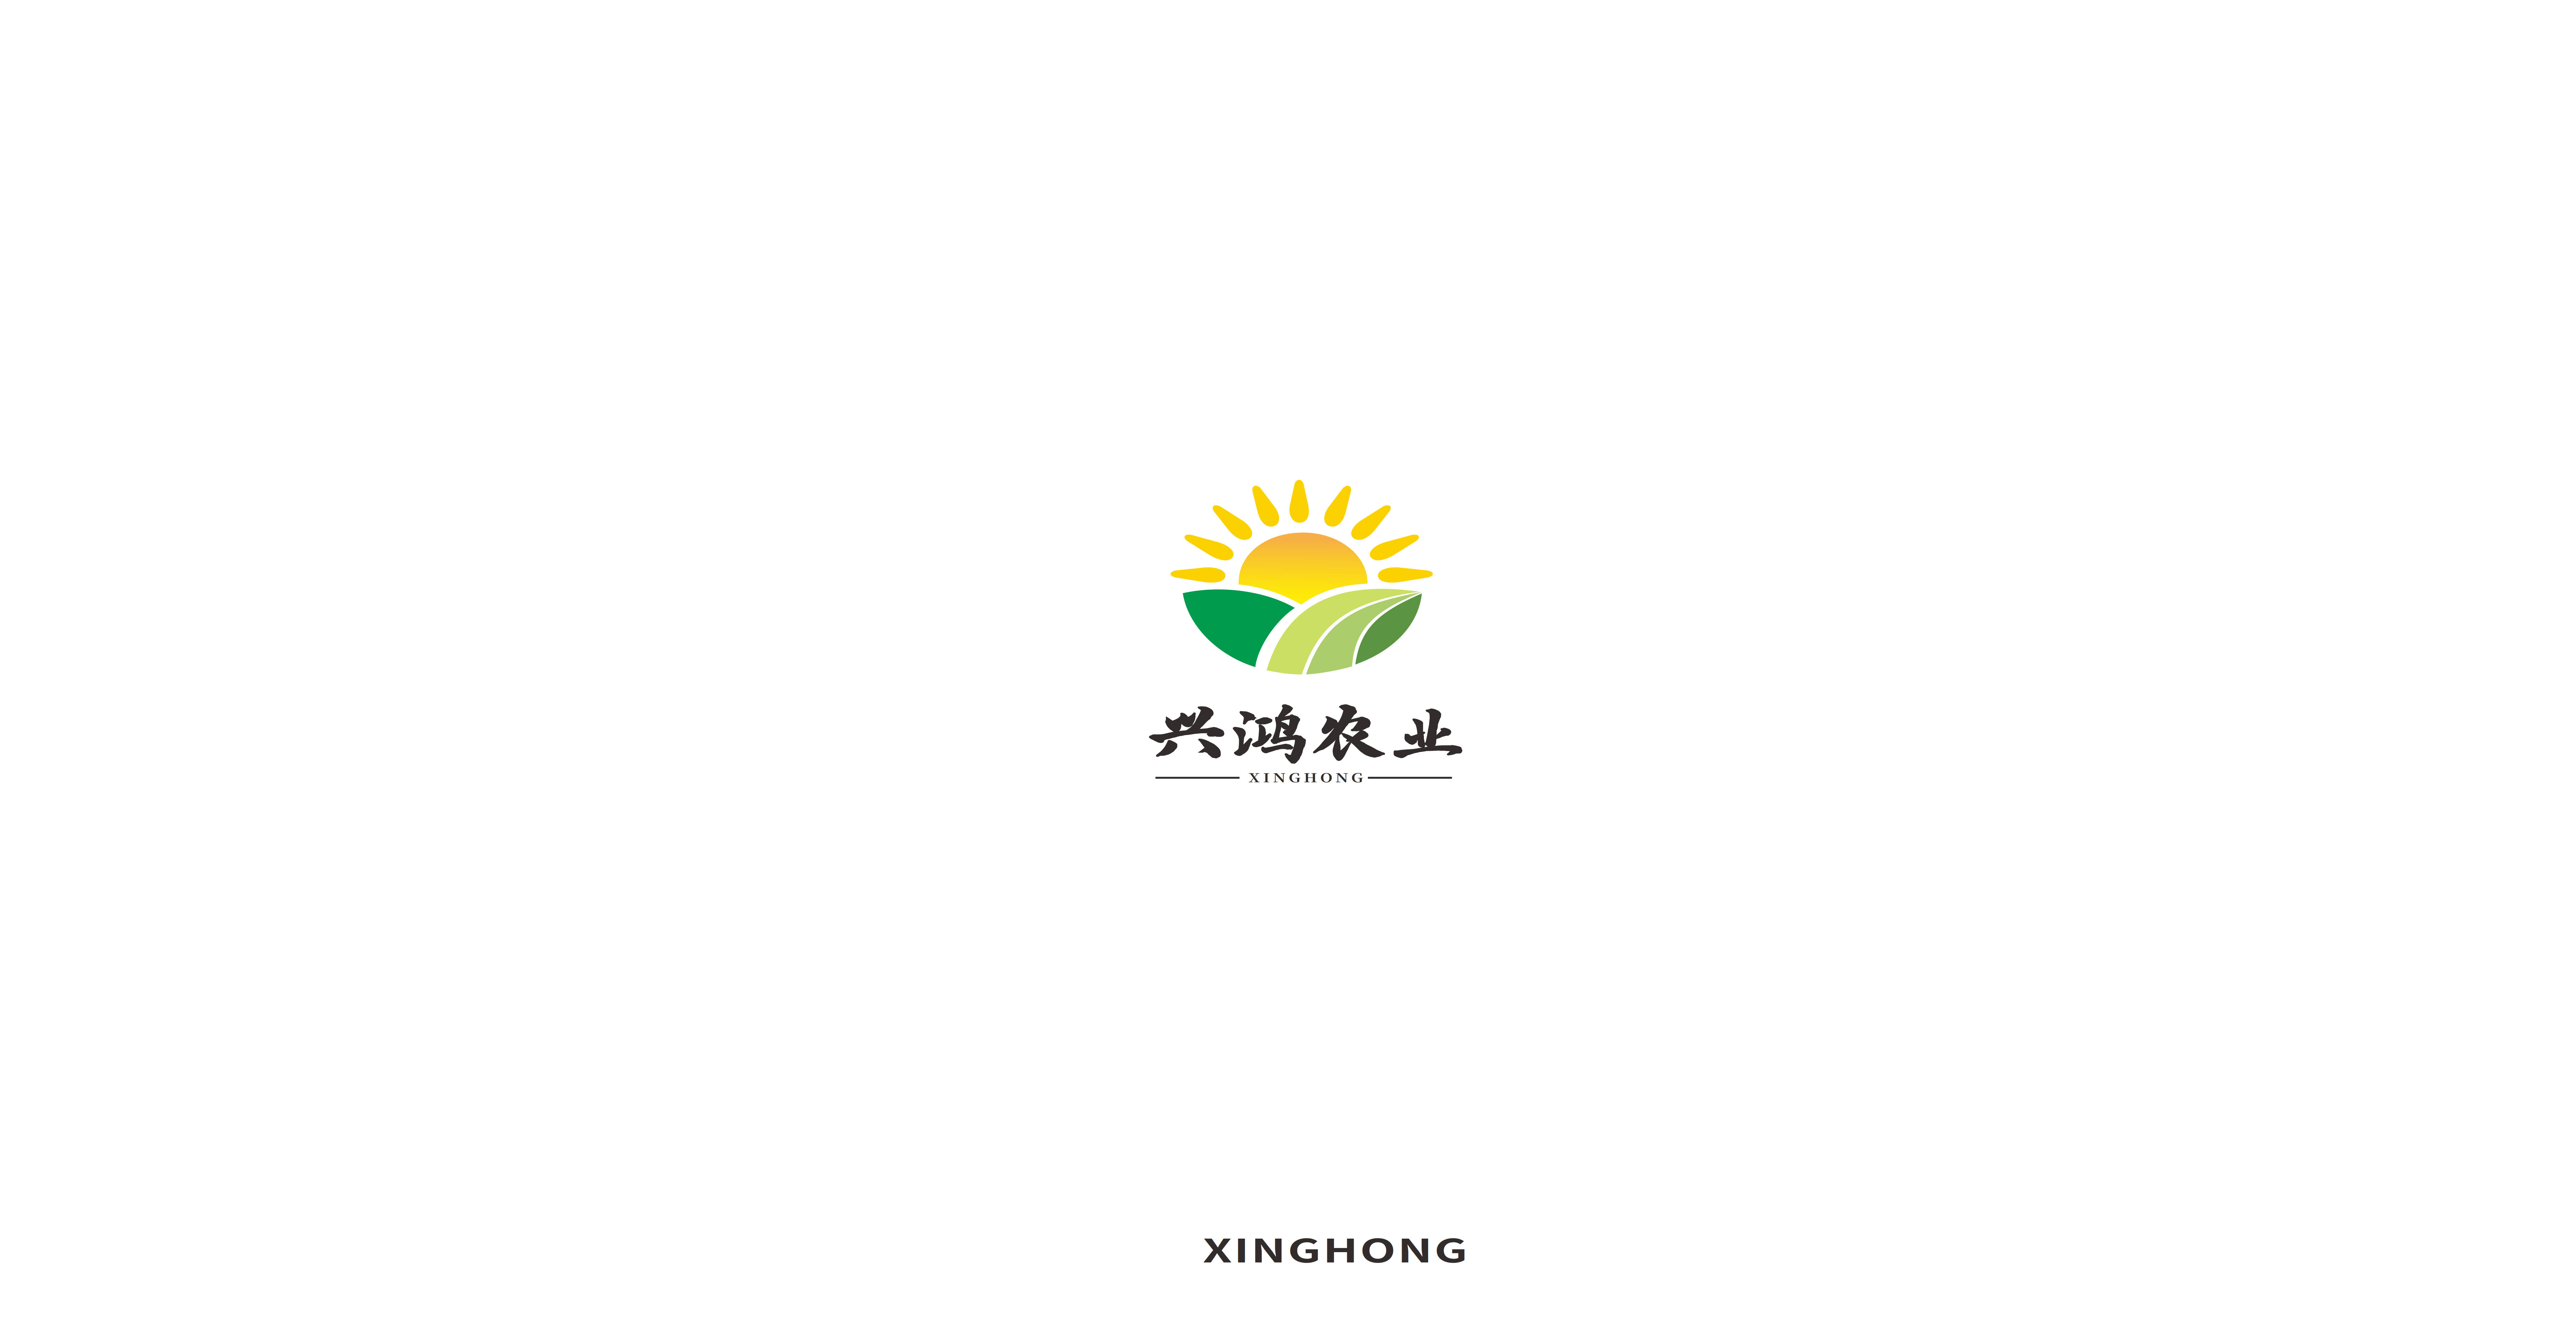 乐山兴鸿生态农业科技有限责任公司1